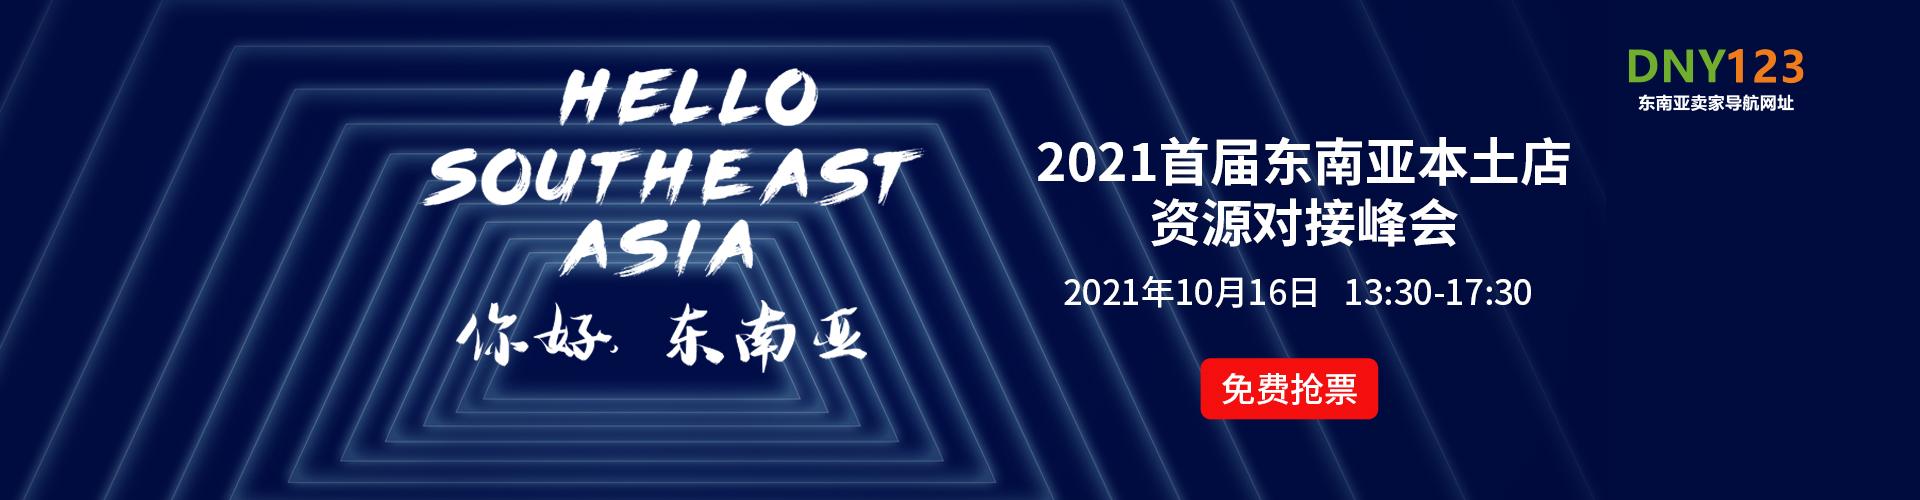 2021首届东南亚本土店资源对接峰会